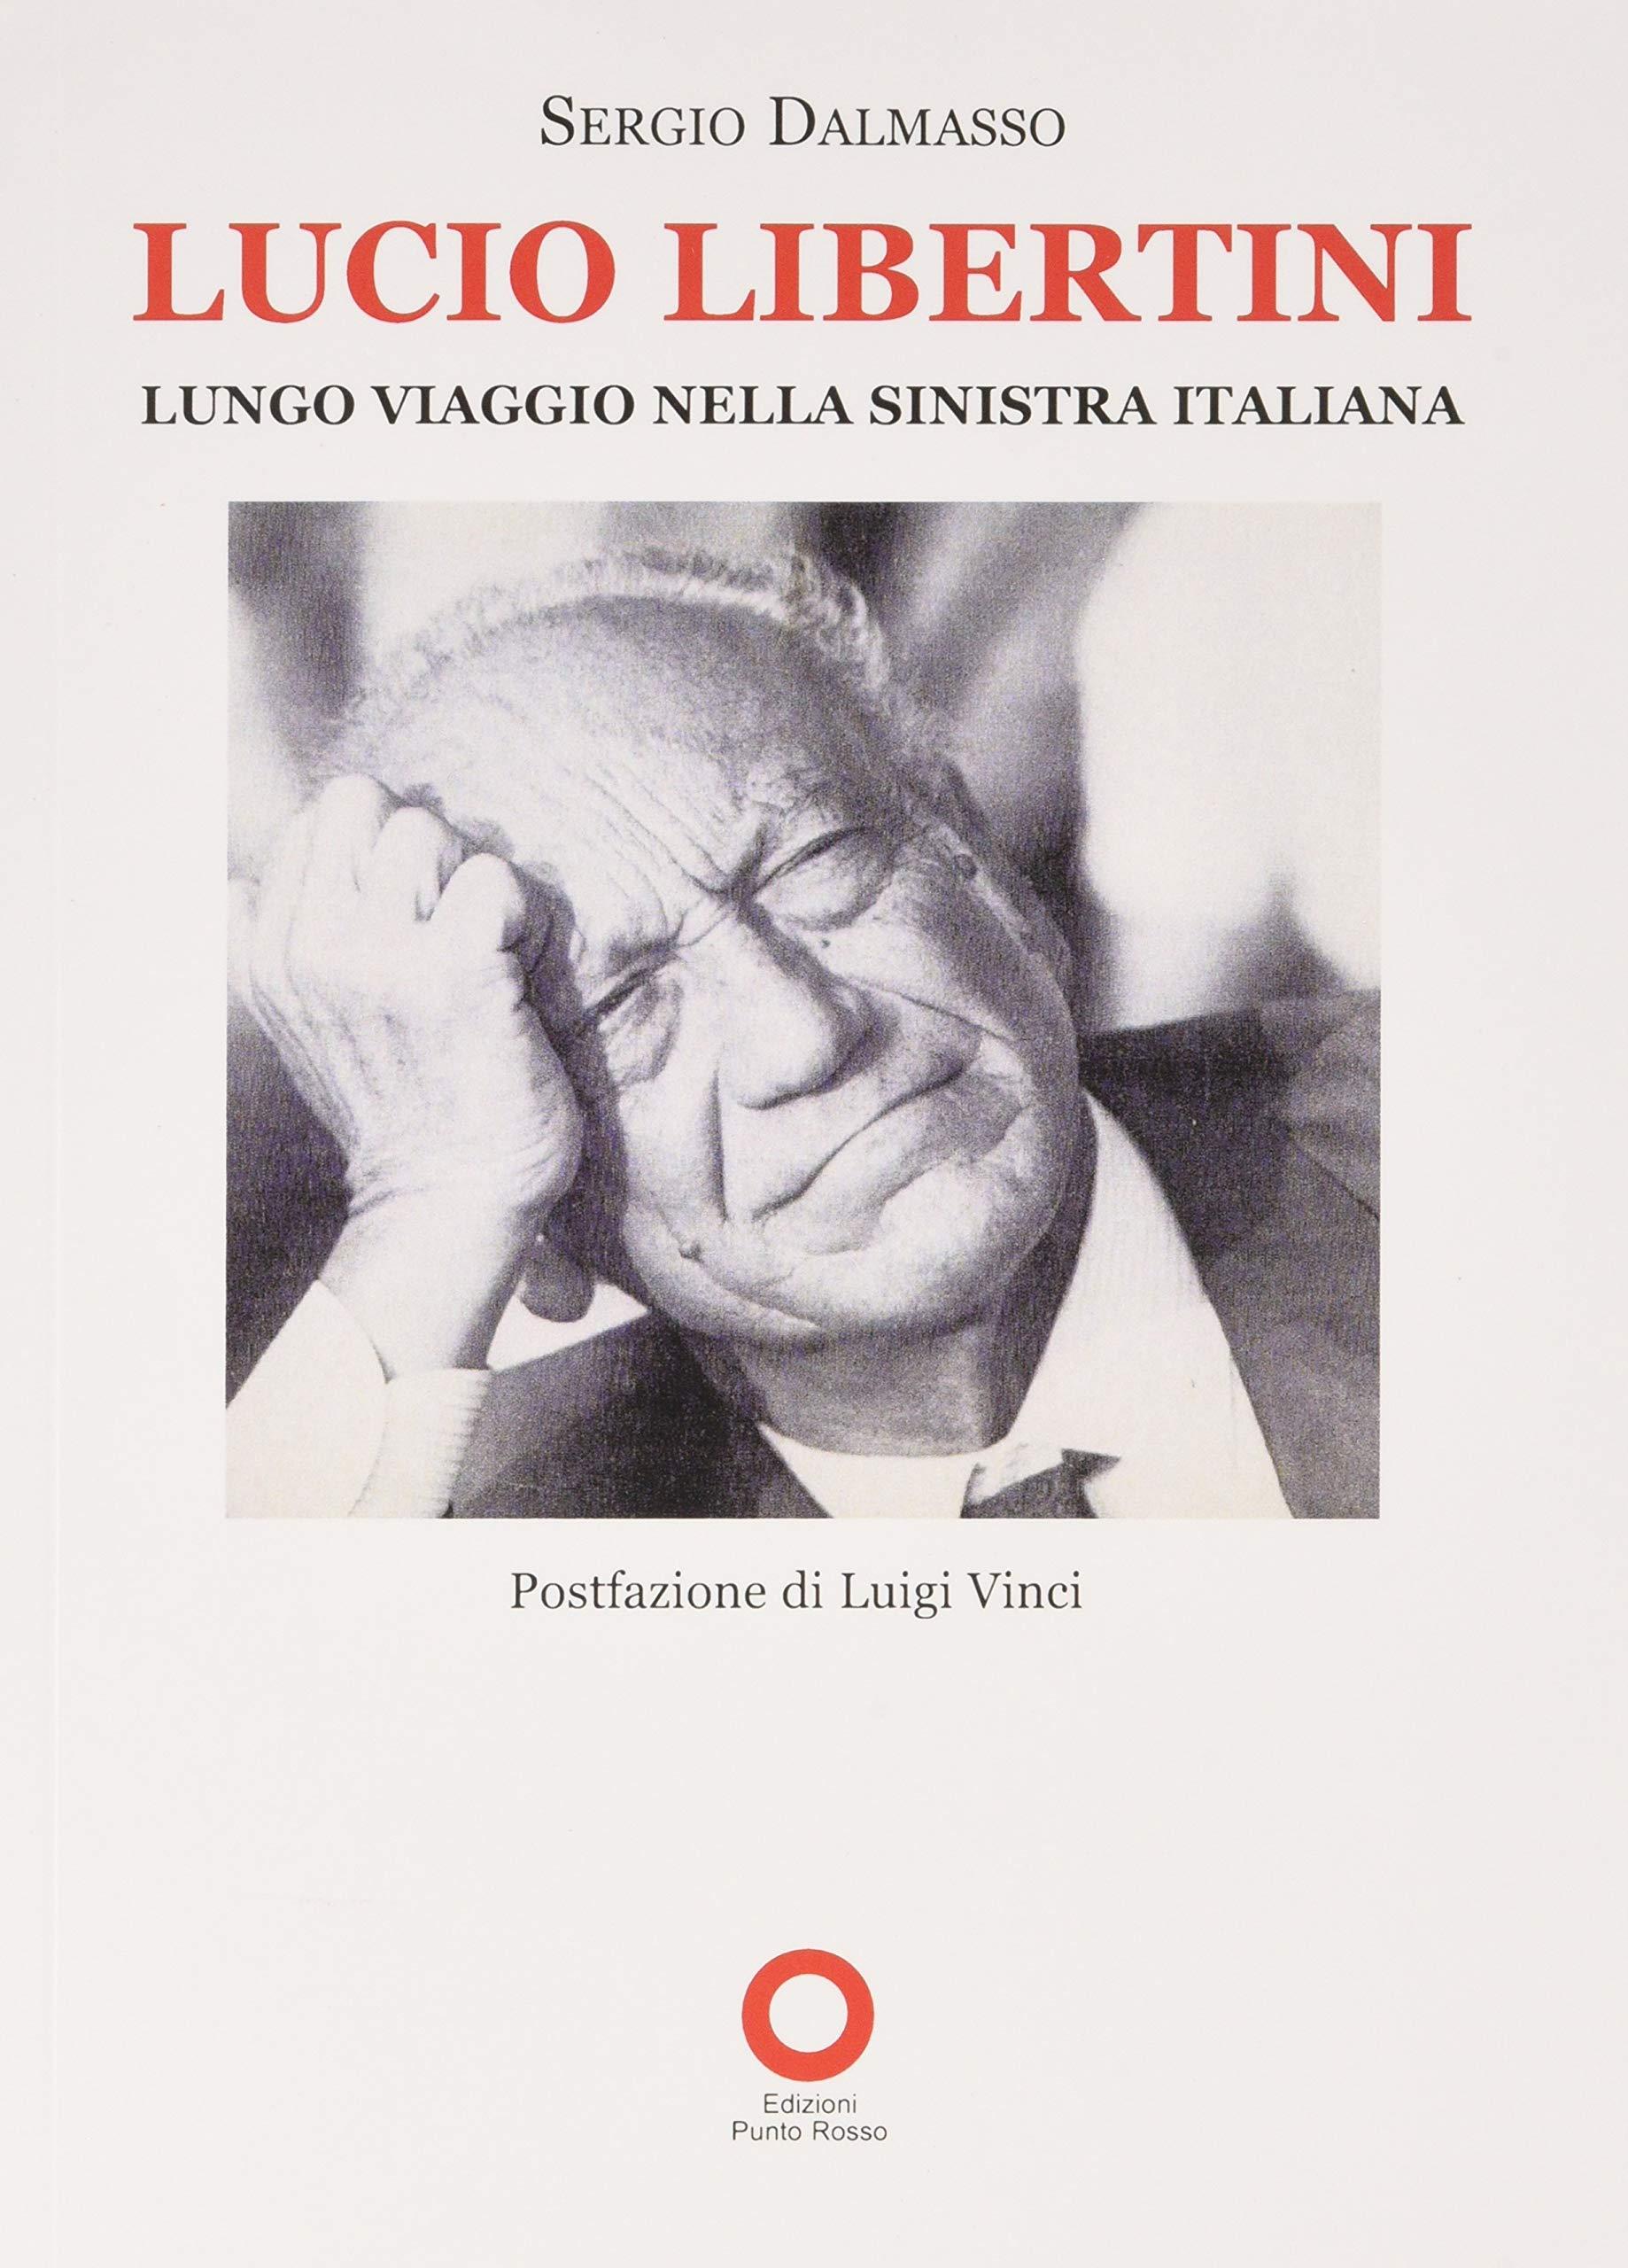 Lungo viaggio nella sinistra italiana con il libro su Lucio Libertini di Sergio Dalmasso